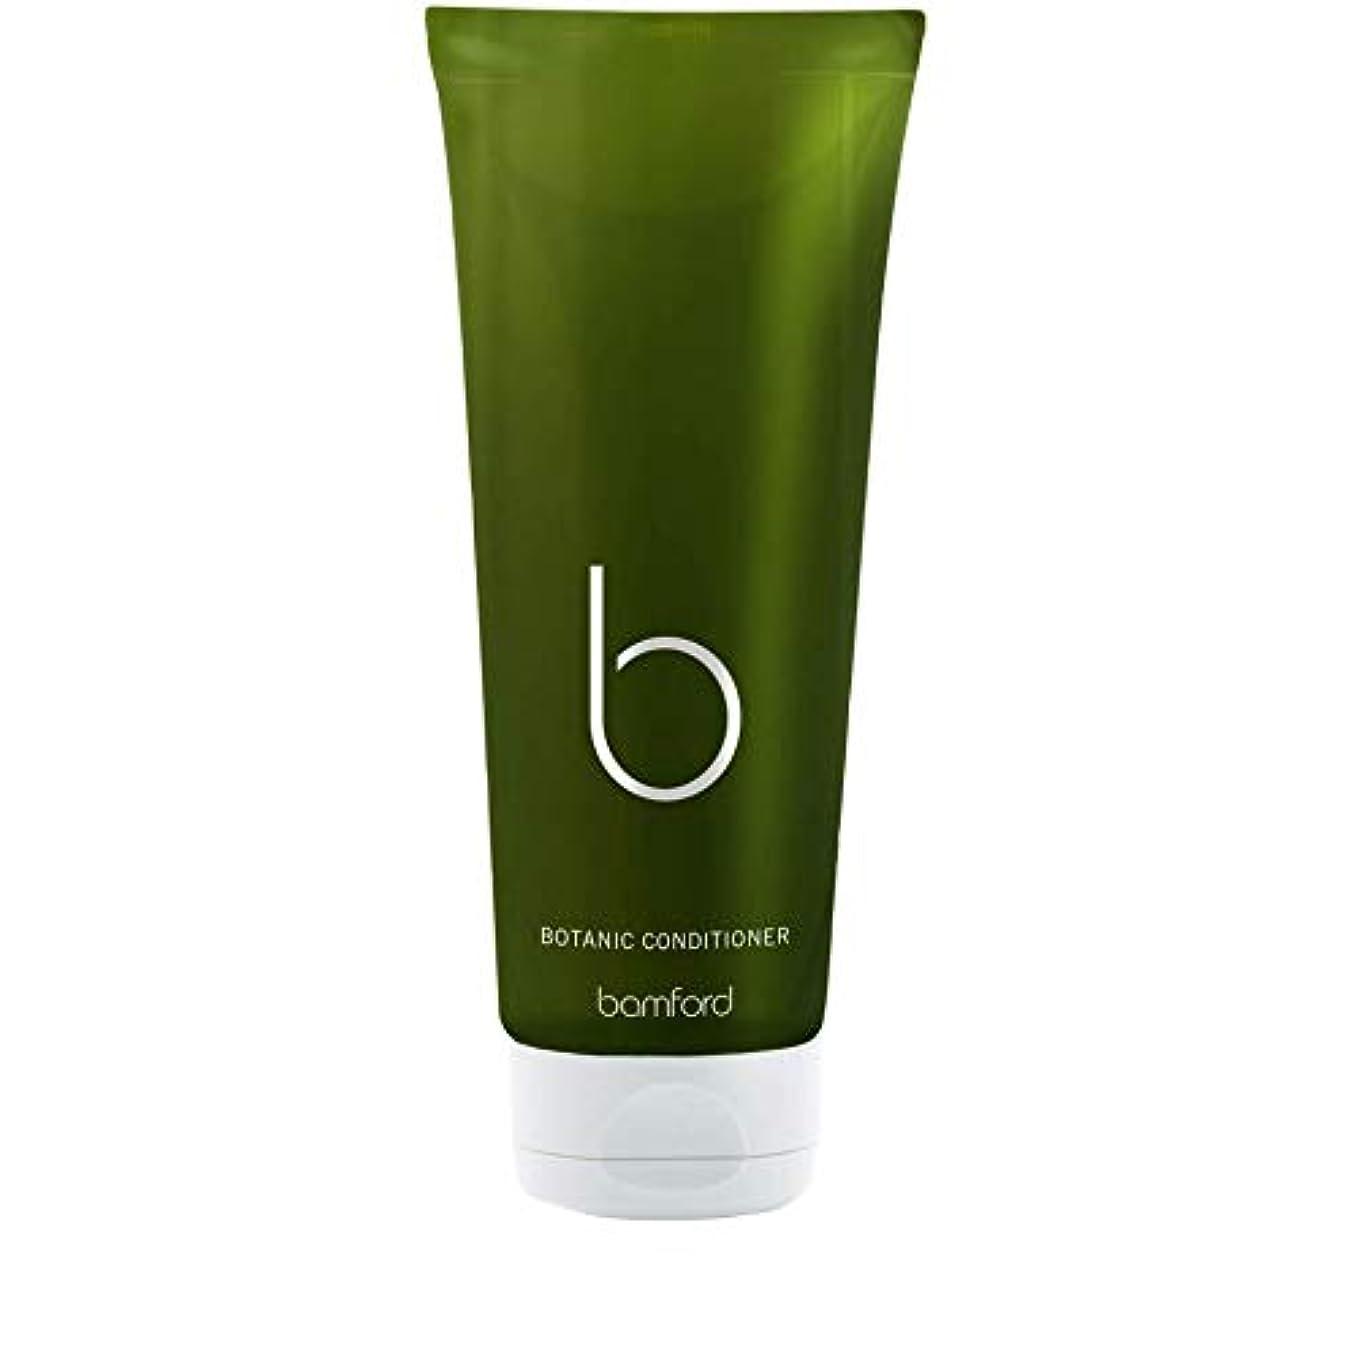 改革必須プレビュー[Bamford ] バンフォード植物コンディショナー200Ml - Bamford Botanic Conditioner 200ml [並行輸入品]